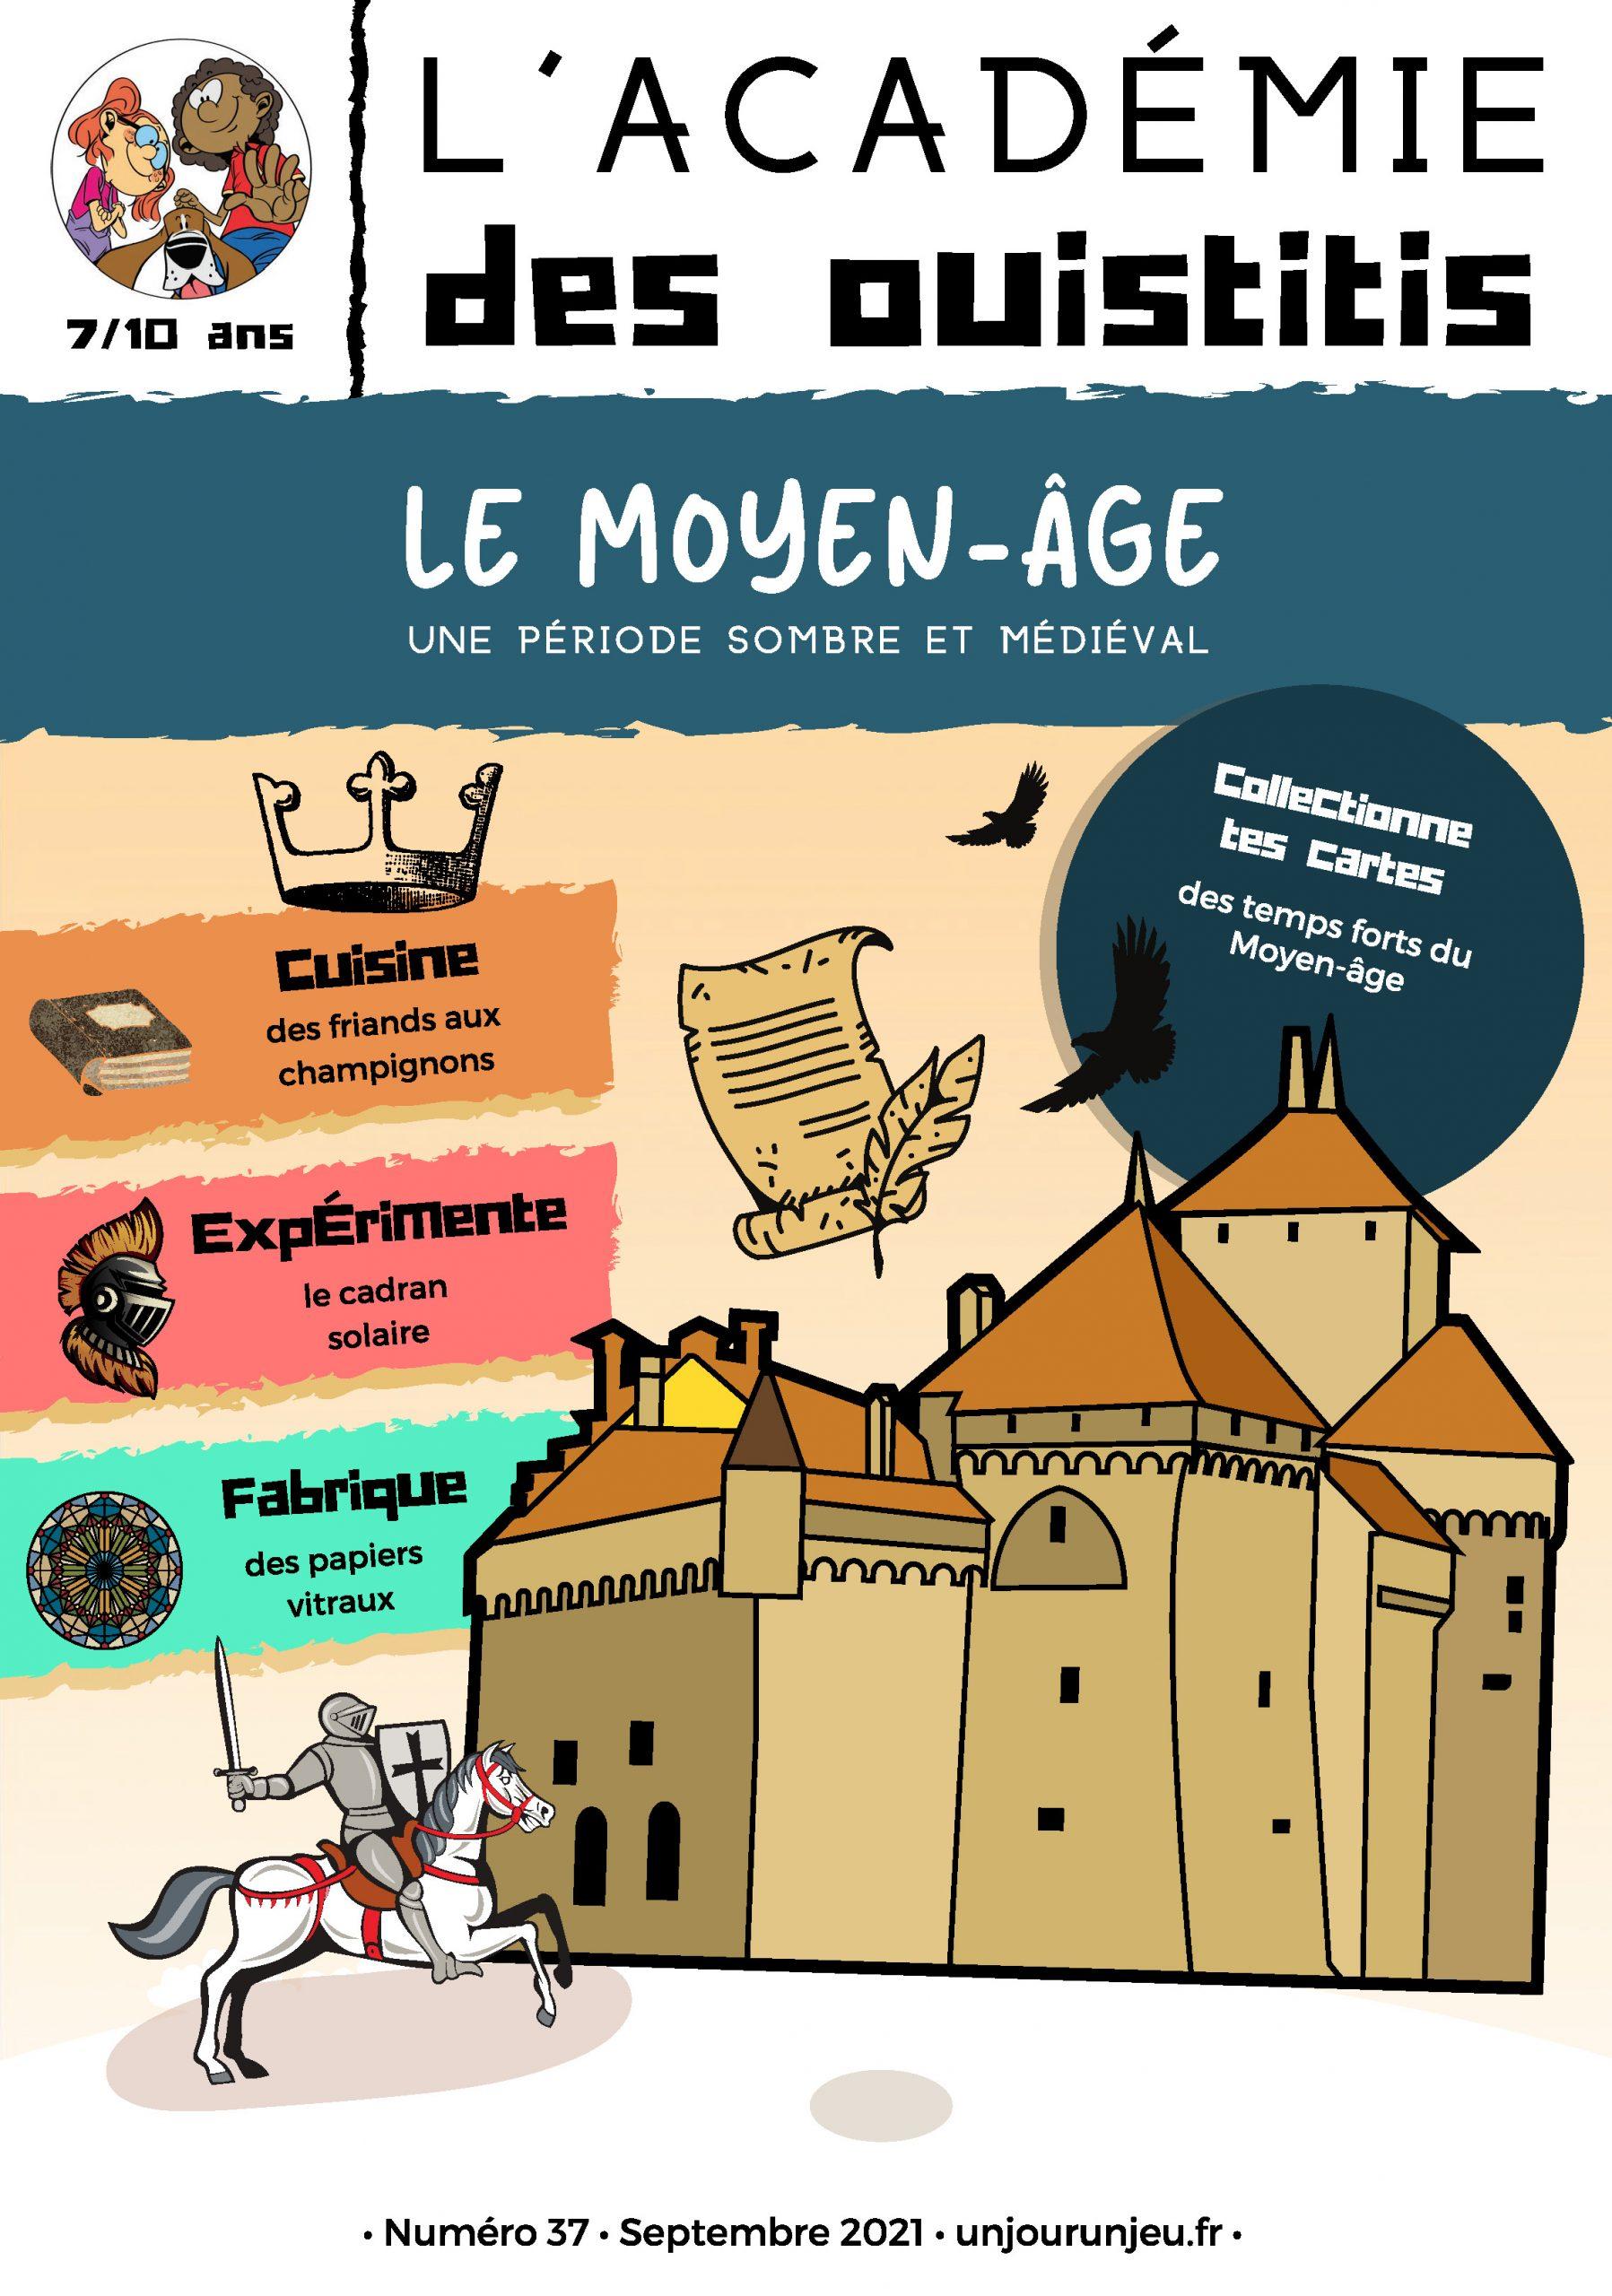 L'Académie des Ouistitis remonte le temps : le Moyen-Âge